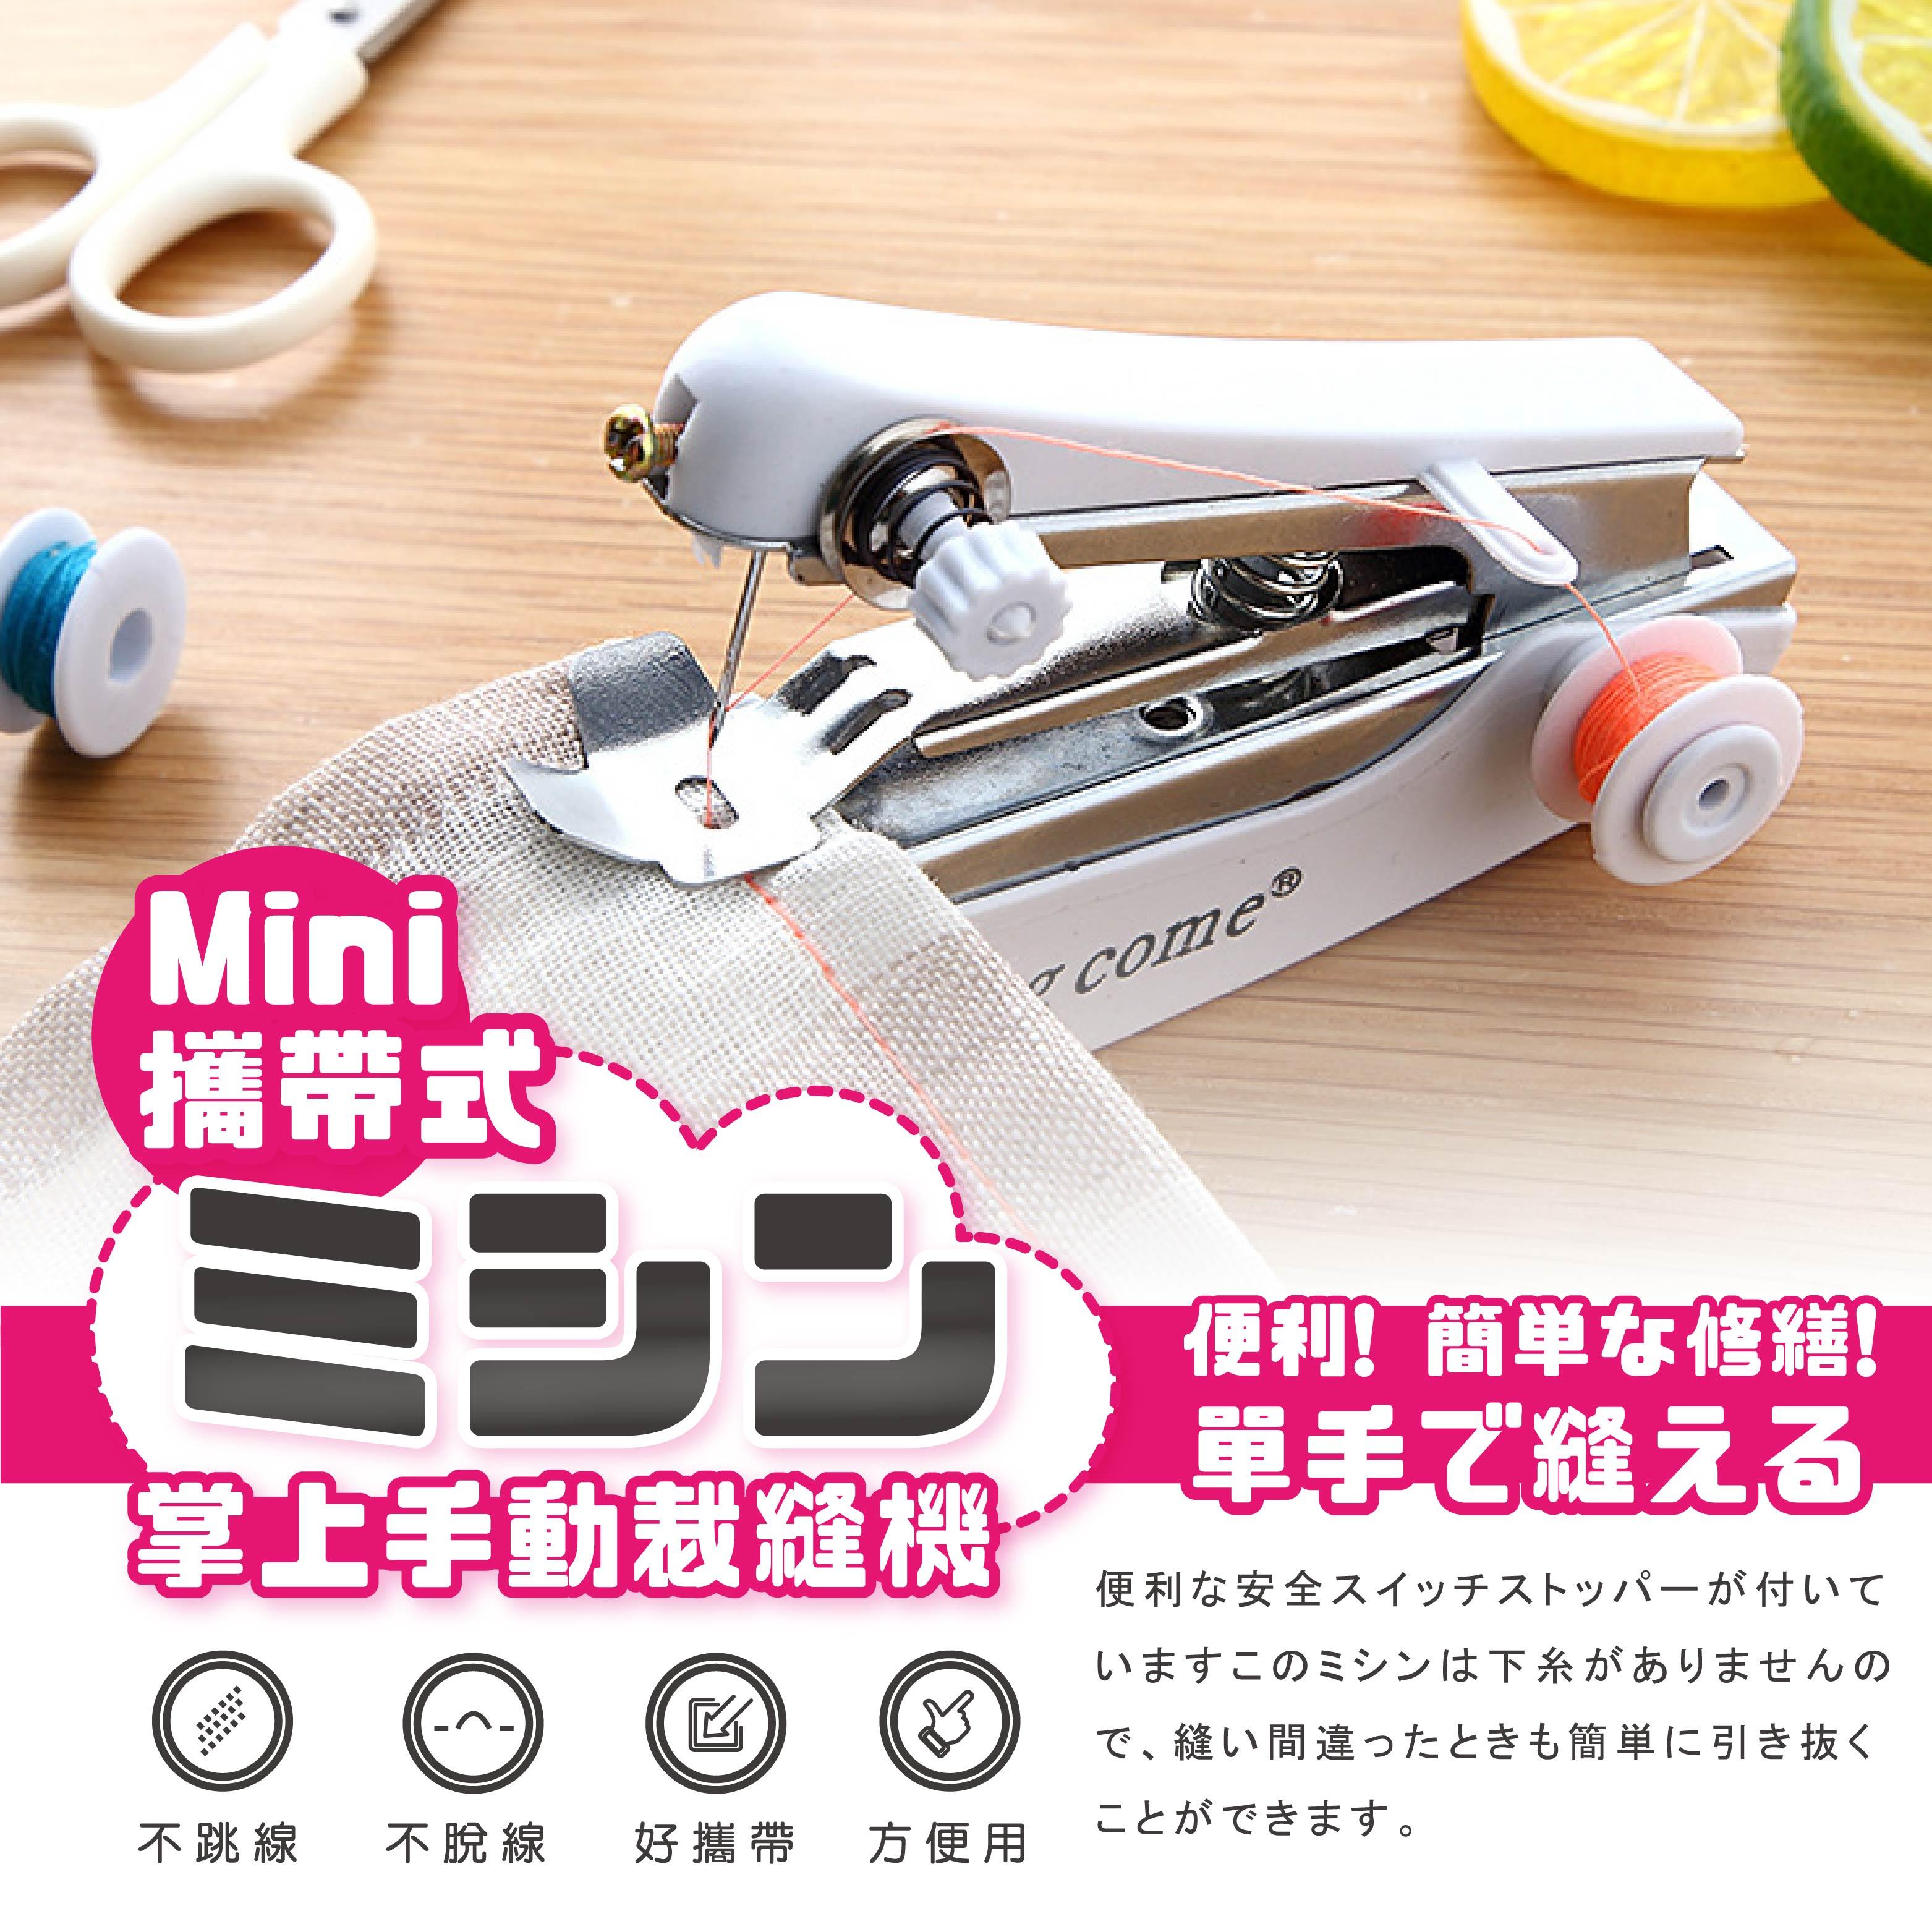 『 』迷你縫紉機 縫紉機 便攜式迷你小型 手持縫紉機 家用多 袖珍手動 縫鈕扣【BE521】